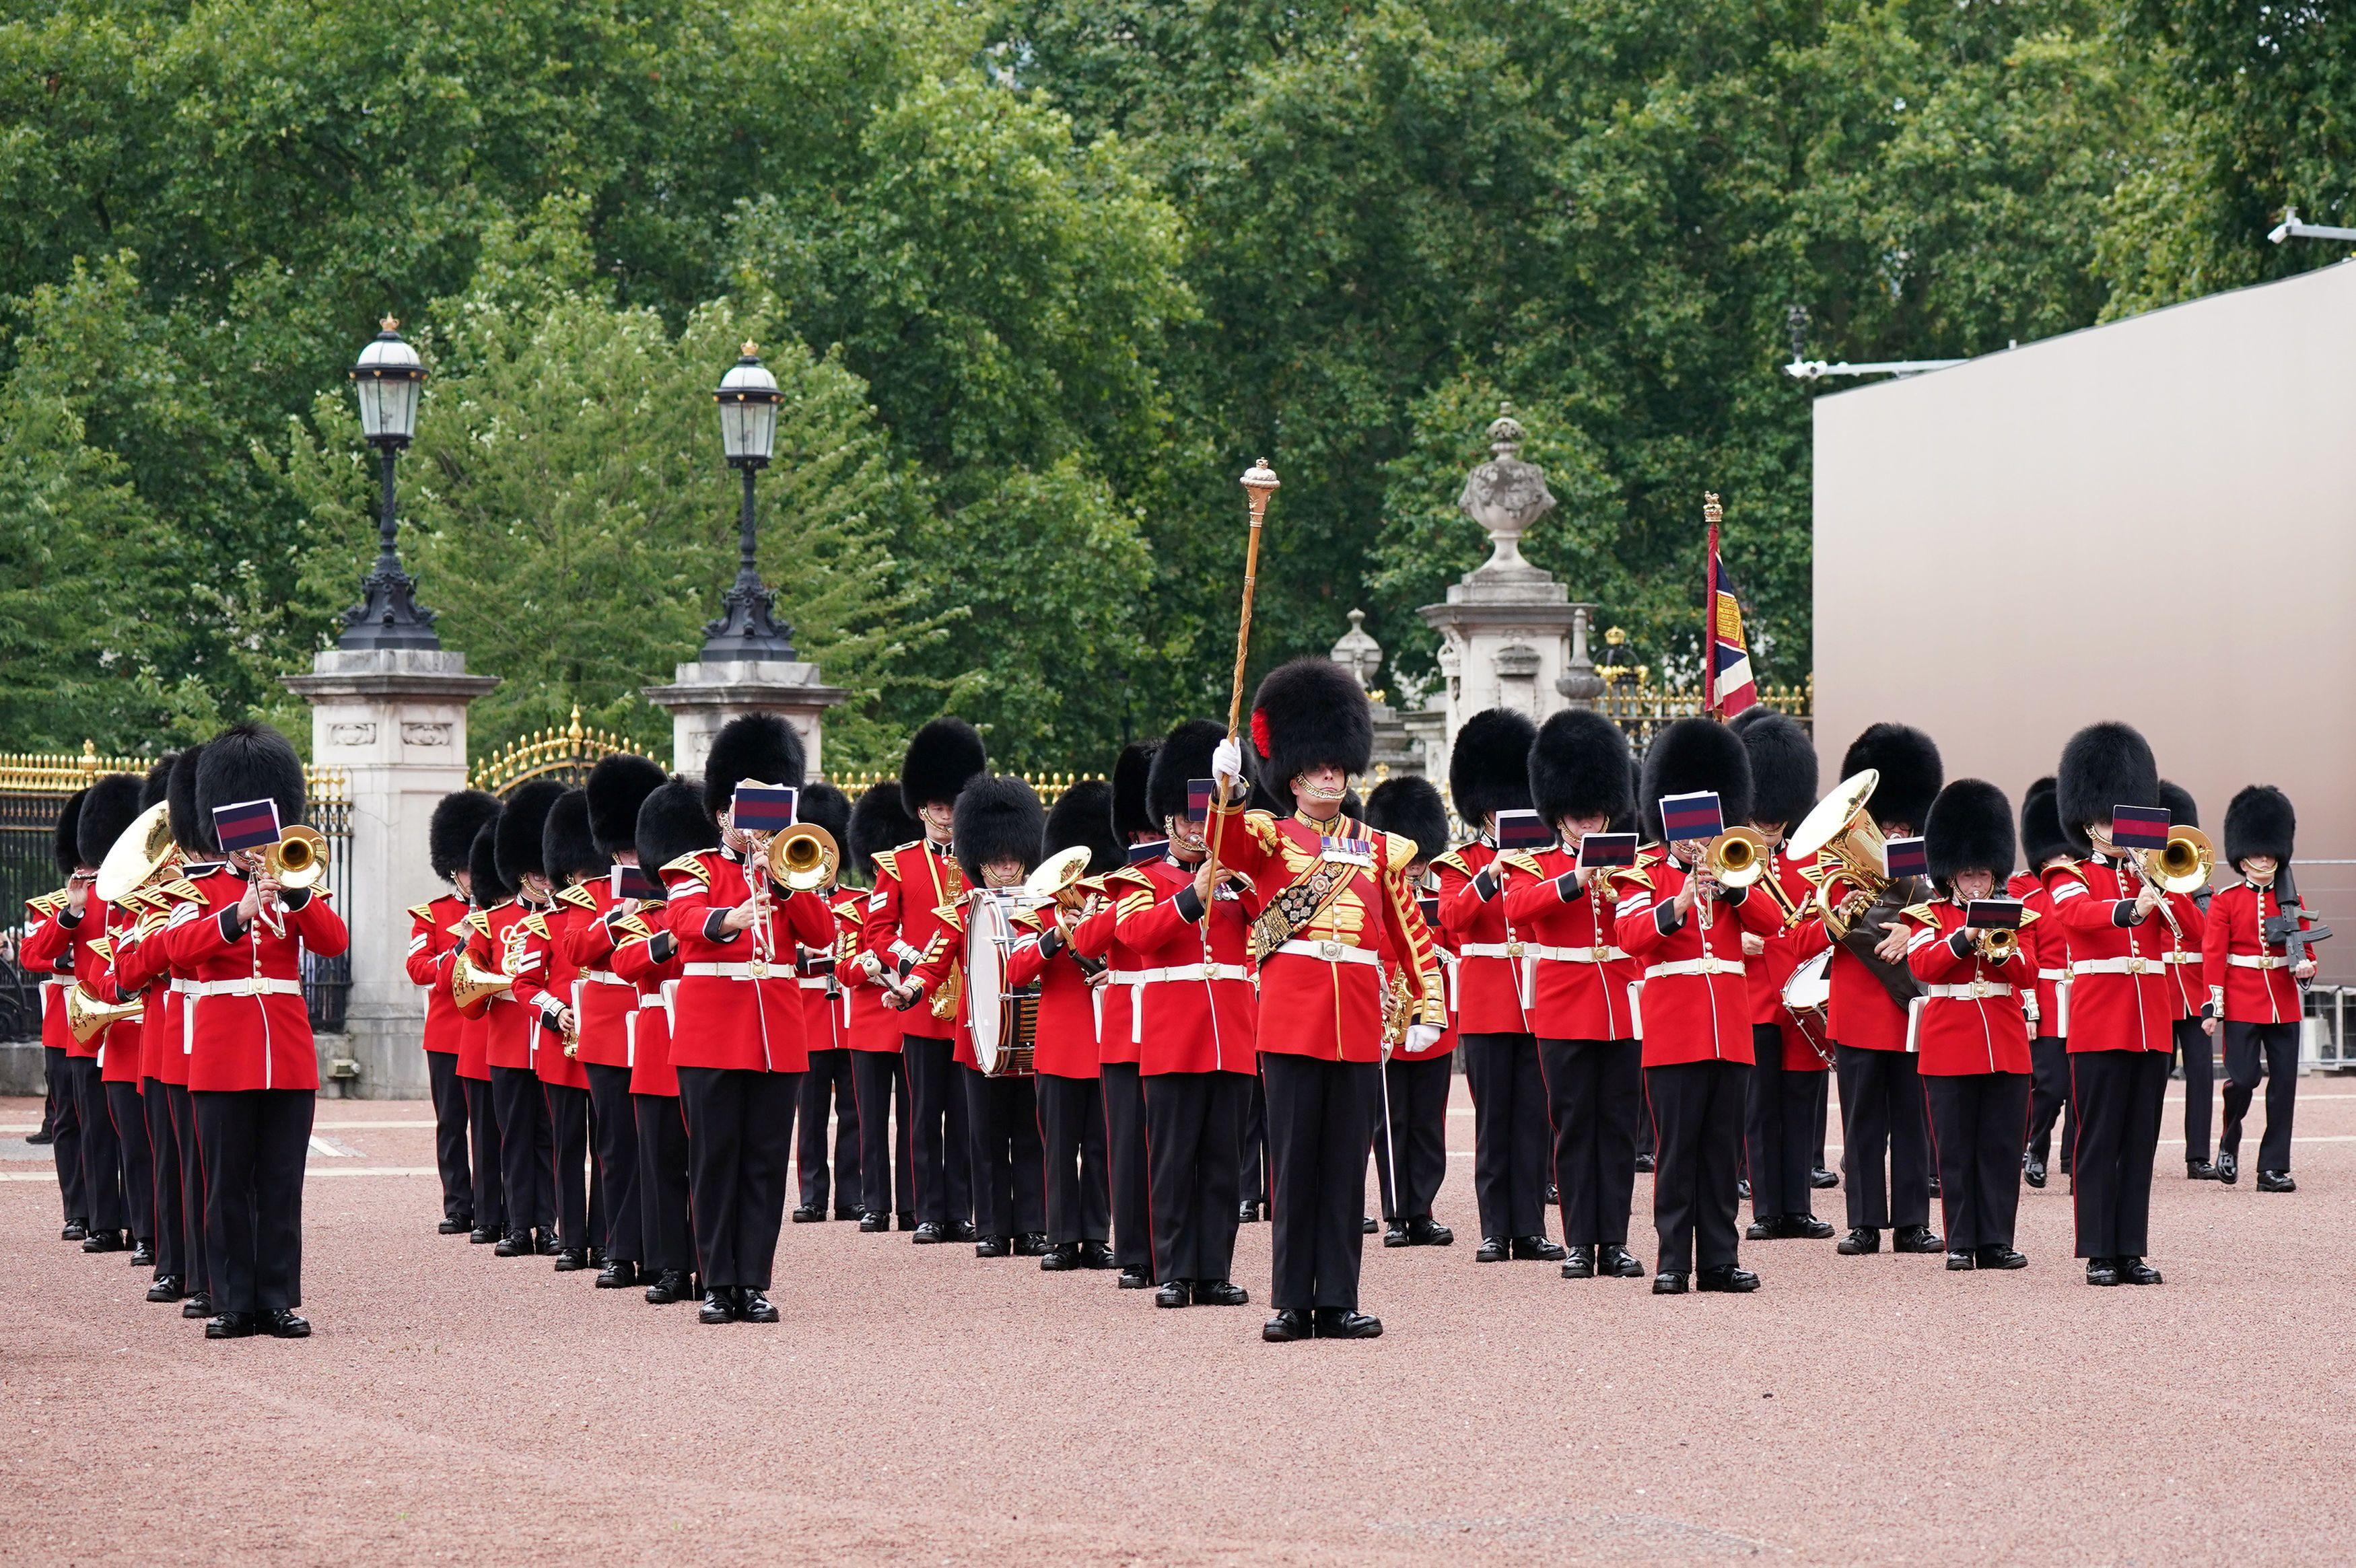 Miembros de la Guardia de Granaderos de la Compañía Nijmegen participan en el Cambio de Guardia en el Palacio de Buckingham en Londres, Gran Bretaña, el 23 de agosto de 2021. Yui Mok / Pool vía REUTERS